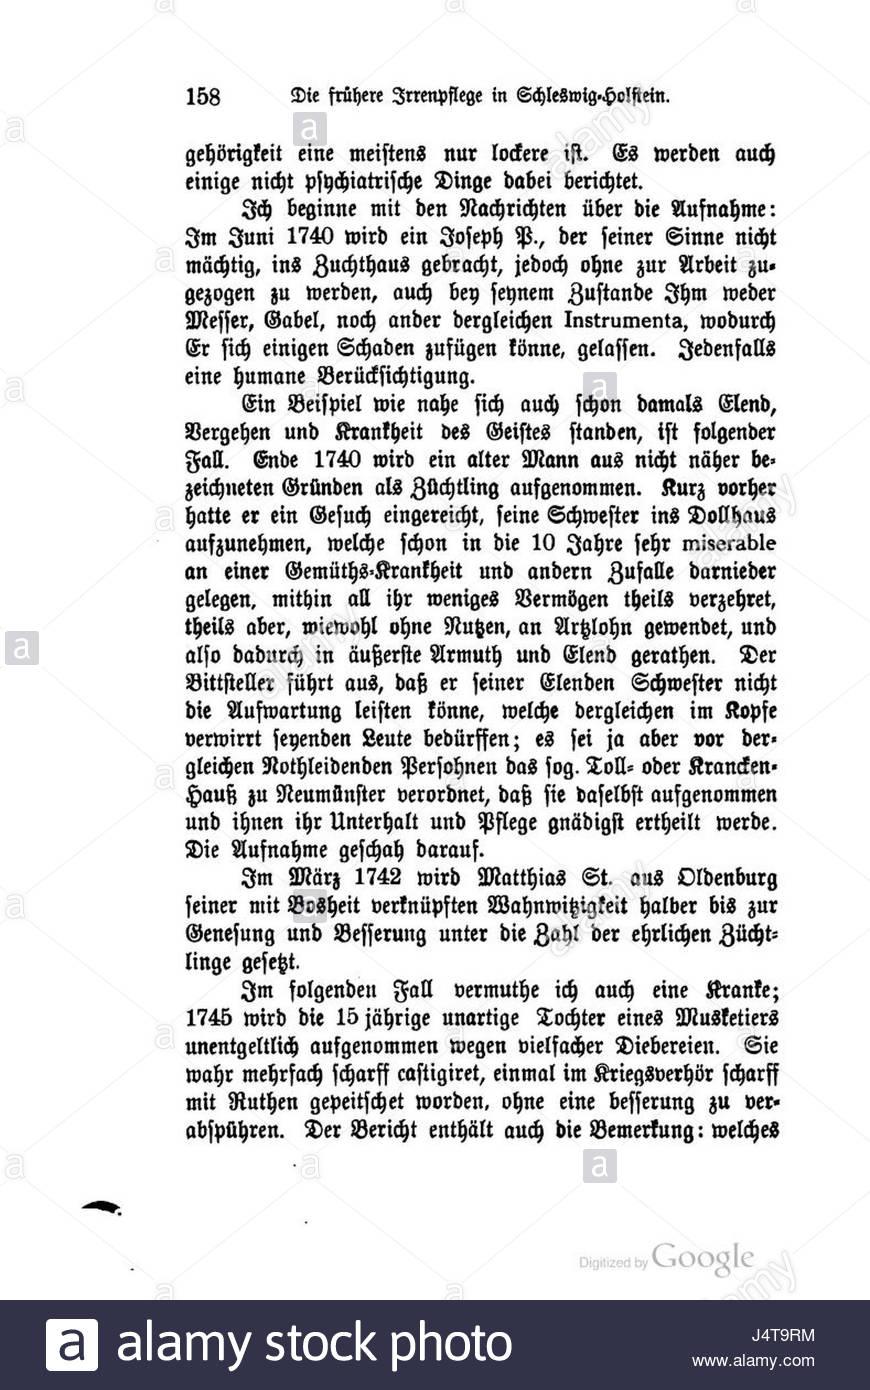 Zeitschrift der Gesellschaft fr schles 20 0169 - Stock Image